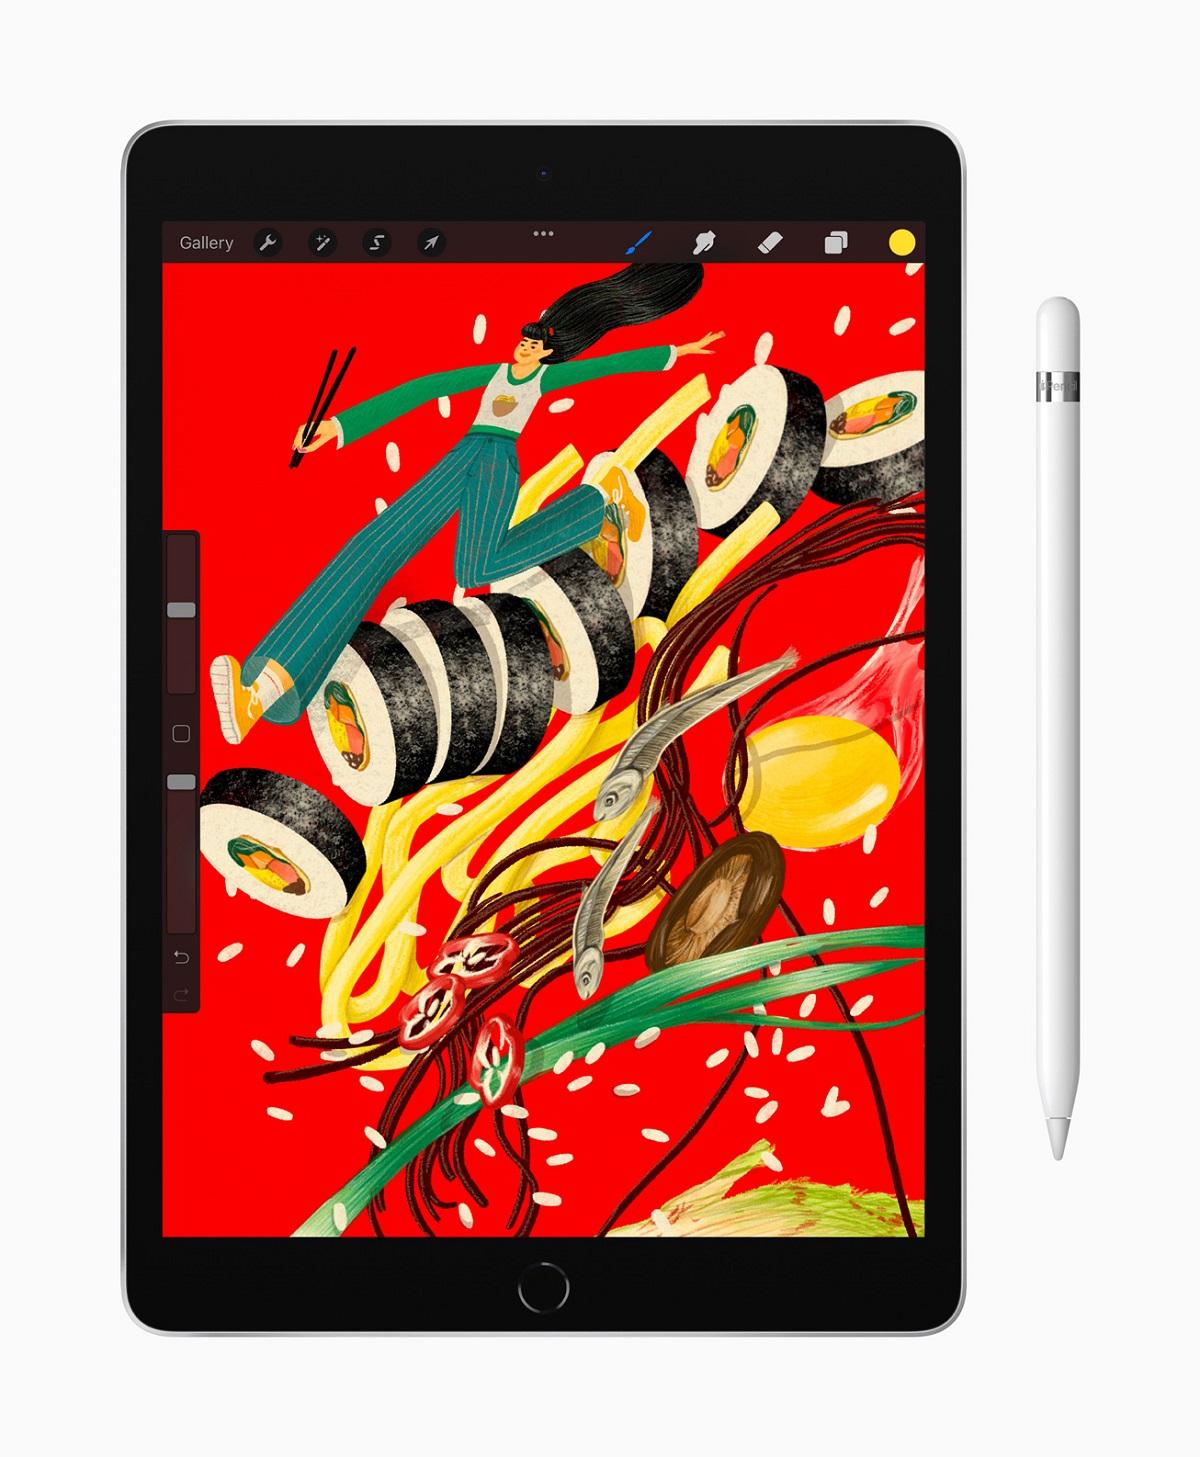 Мощный чип A13 Bionic входит в комплект поставки самого популярного iPad, позволяя пользователям легко запускать передовые приложения.